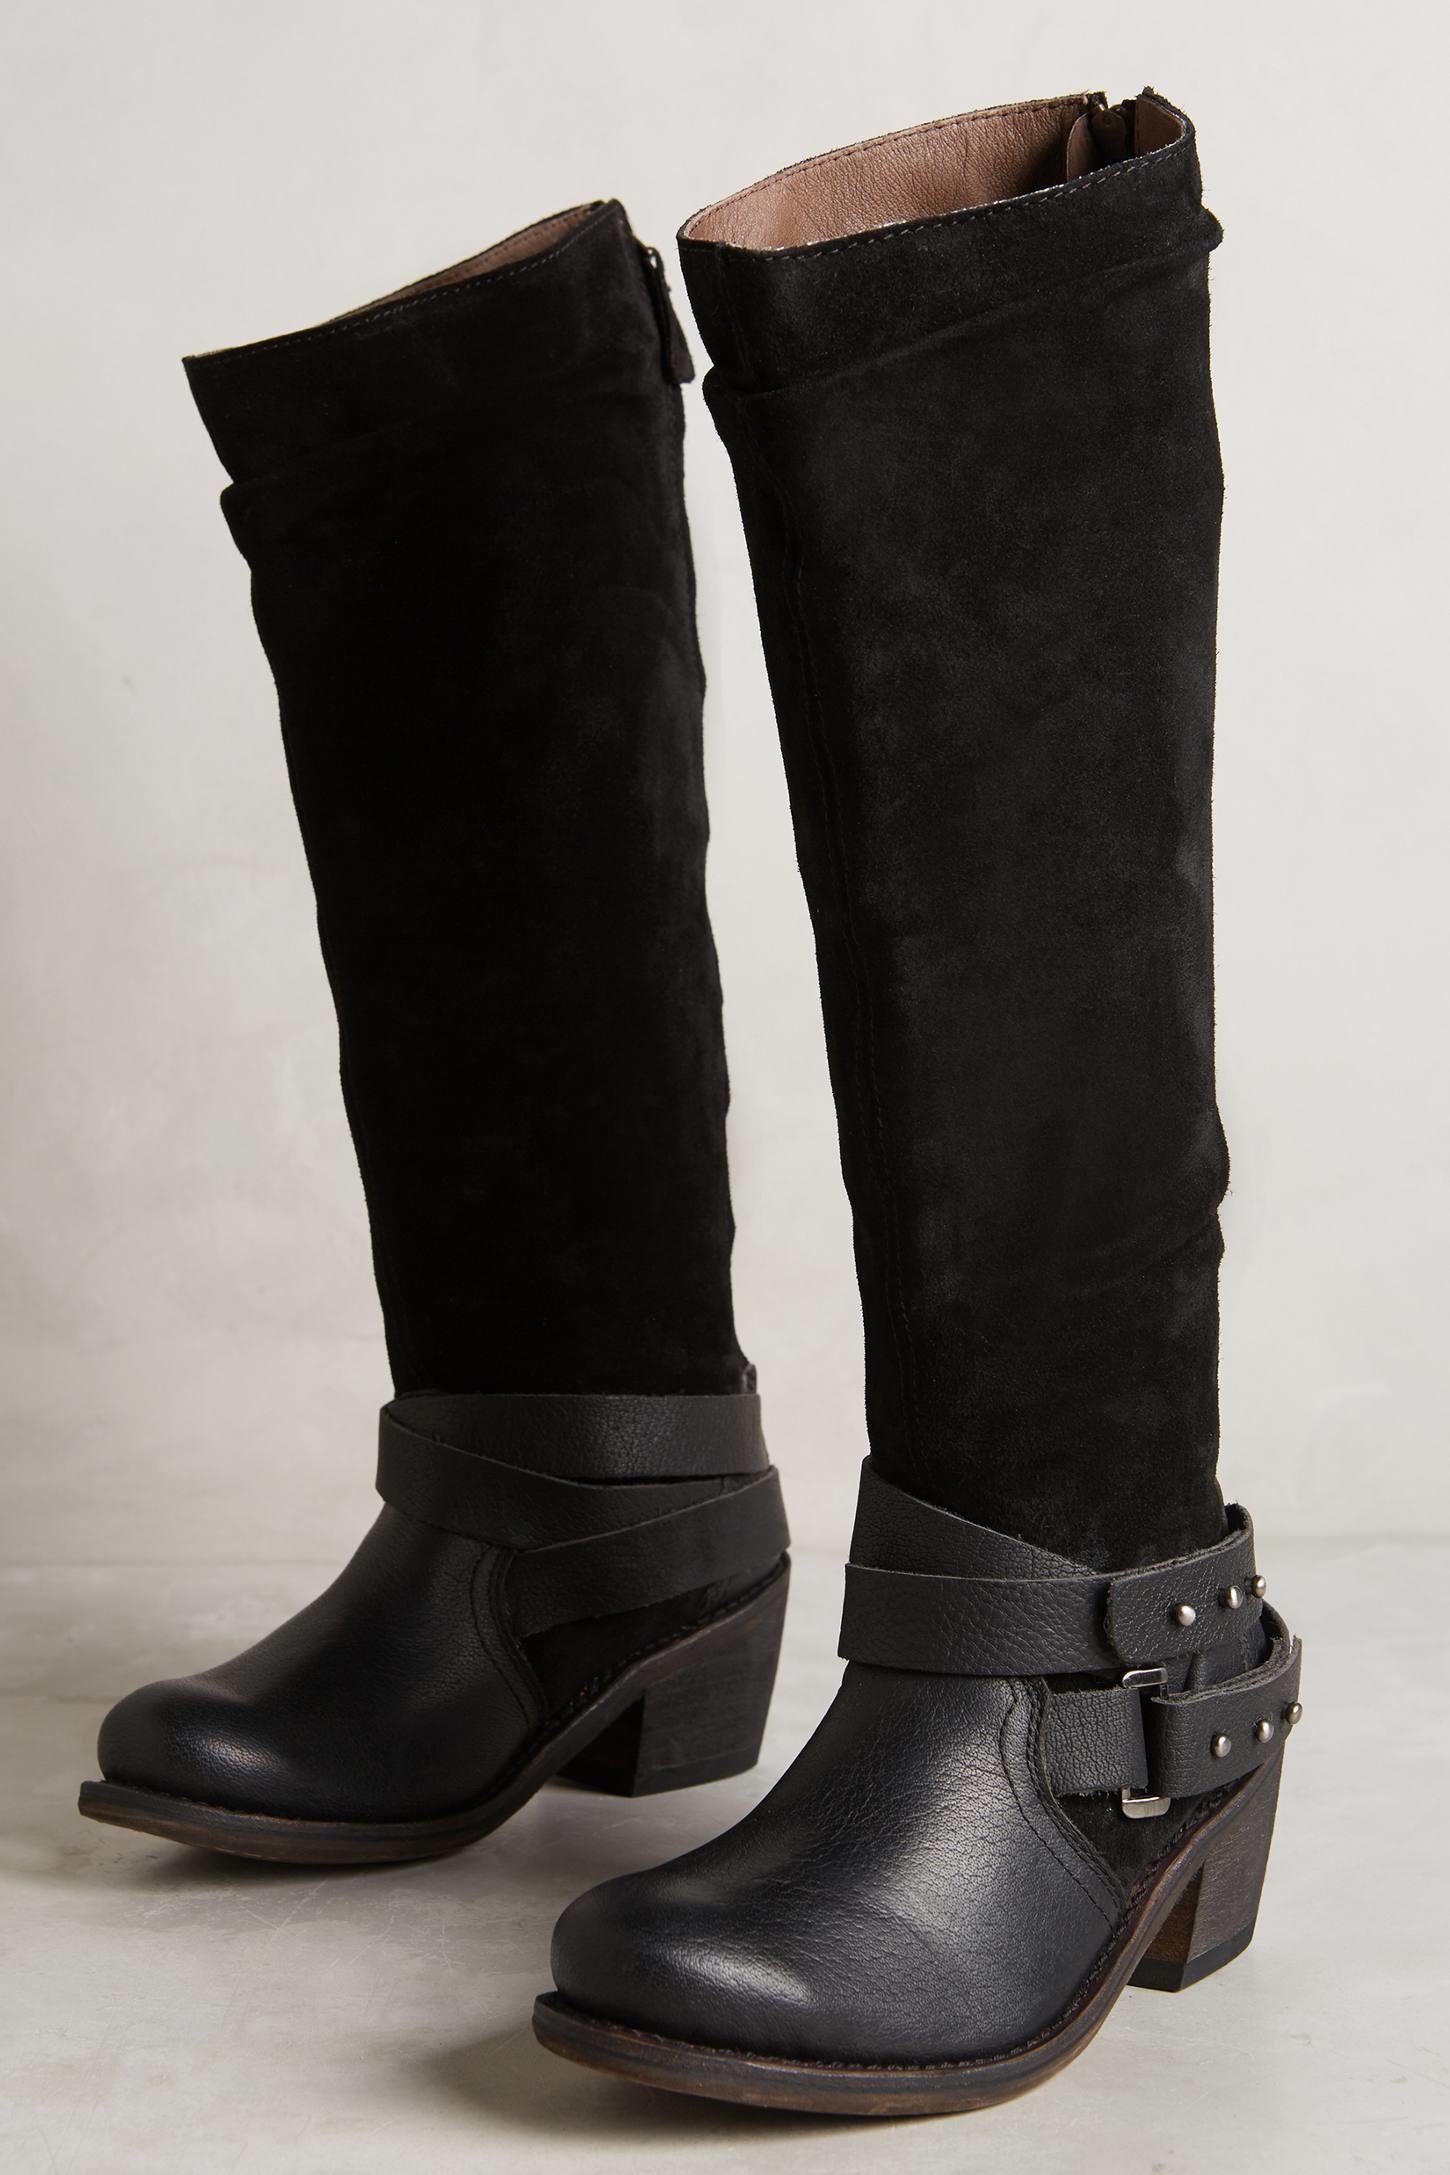 gee wawa nancy boots in black lyst